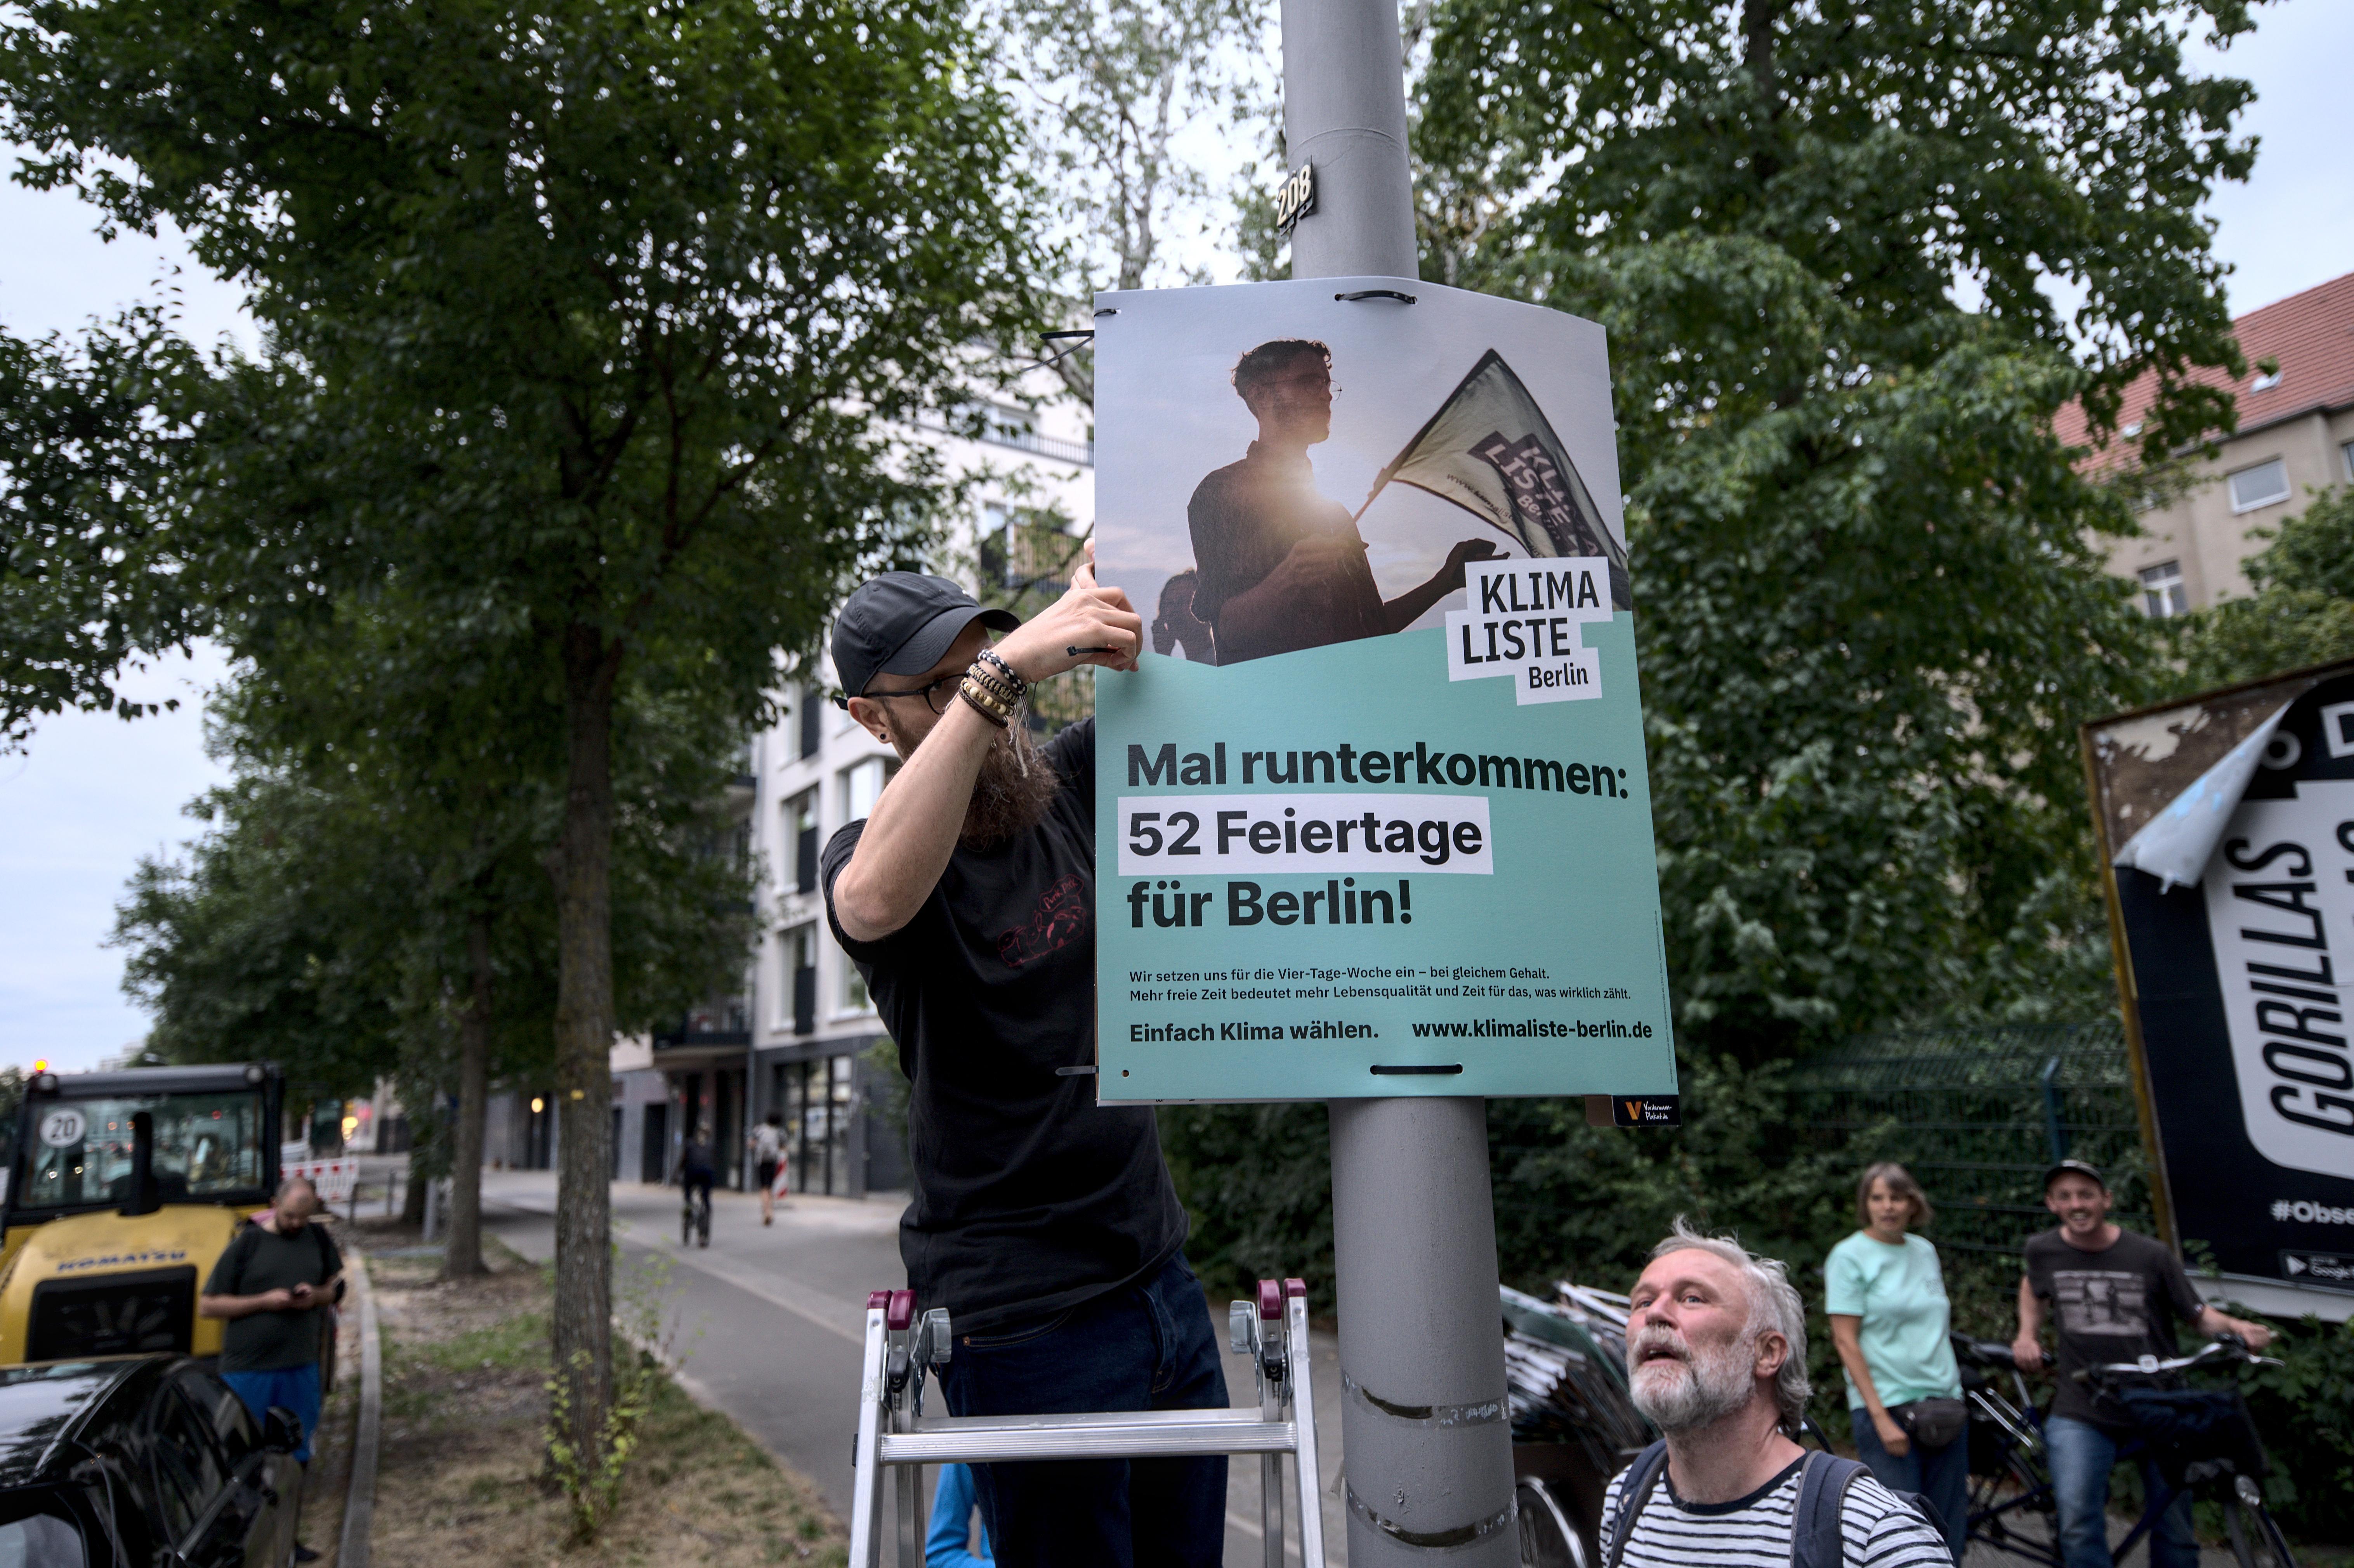 Aktivist:innen der Klimaliste Berlin hängen ein Wahlplakat auf